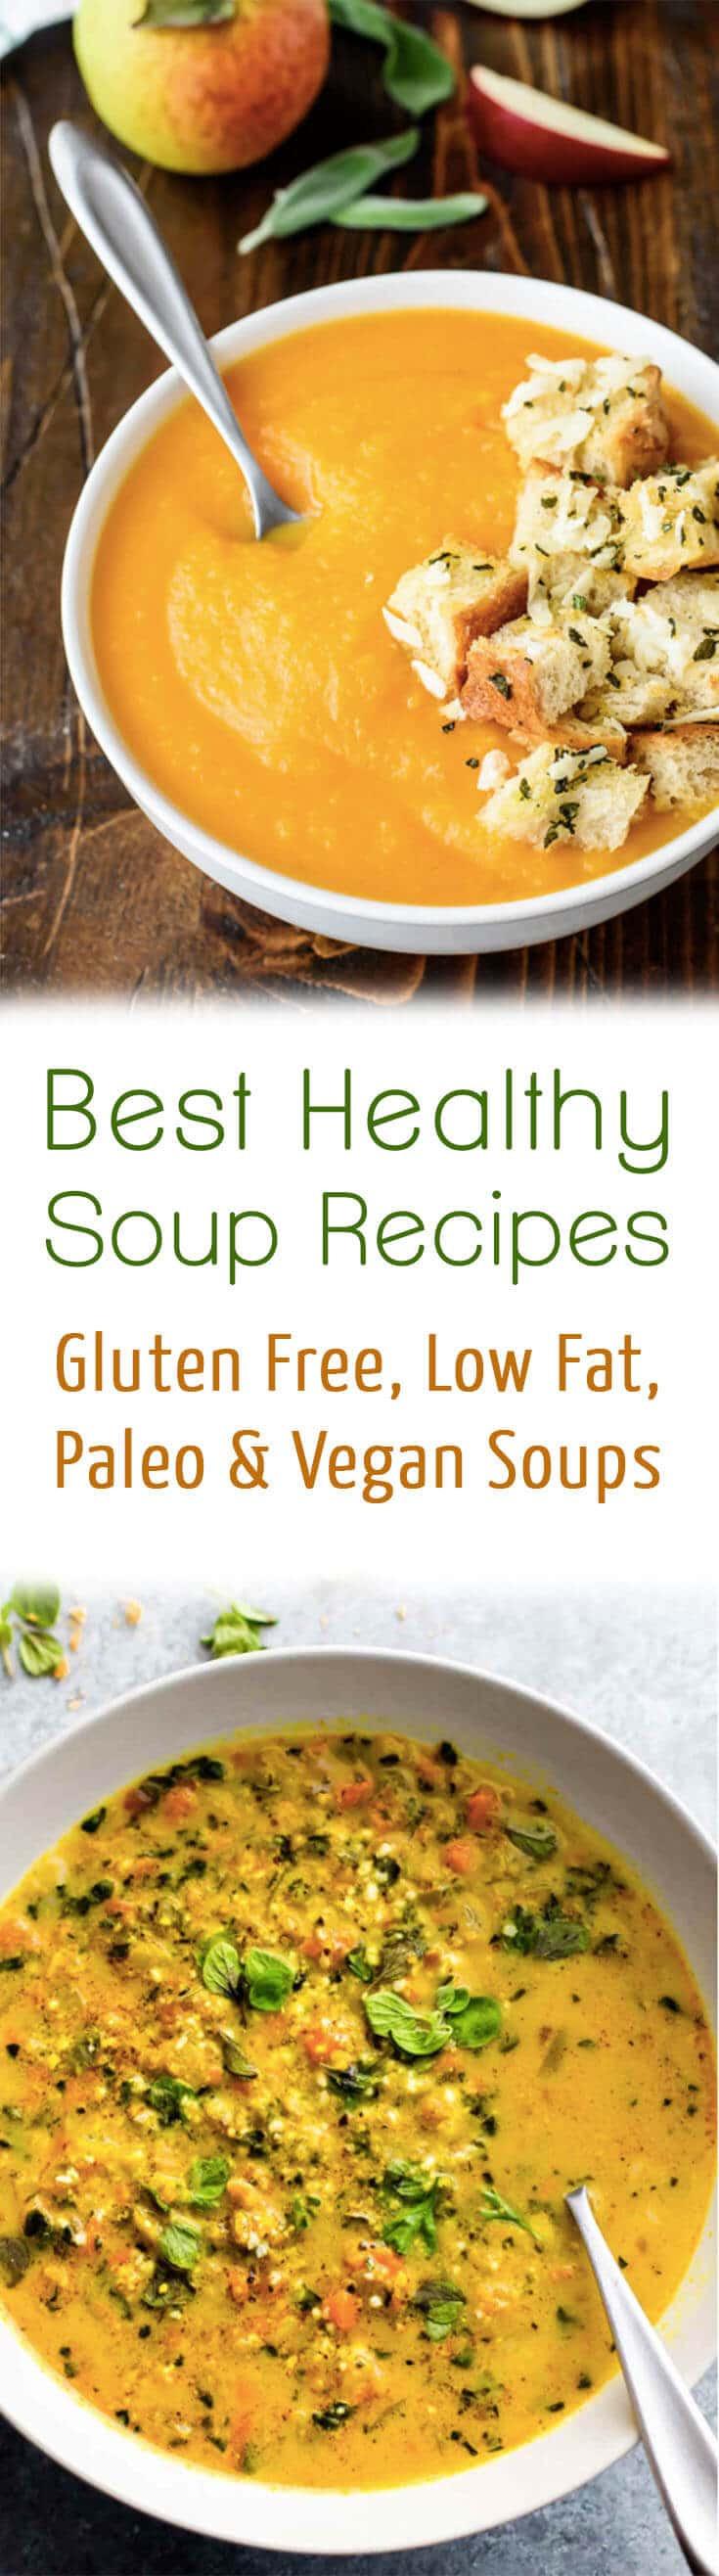 Low Fat Vegan Recipes  10 Best Healthy Soup Recipes